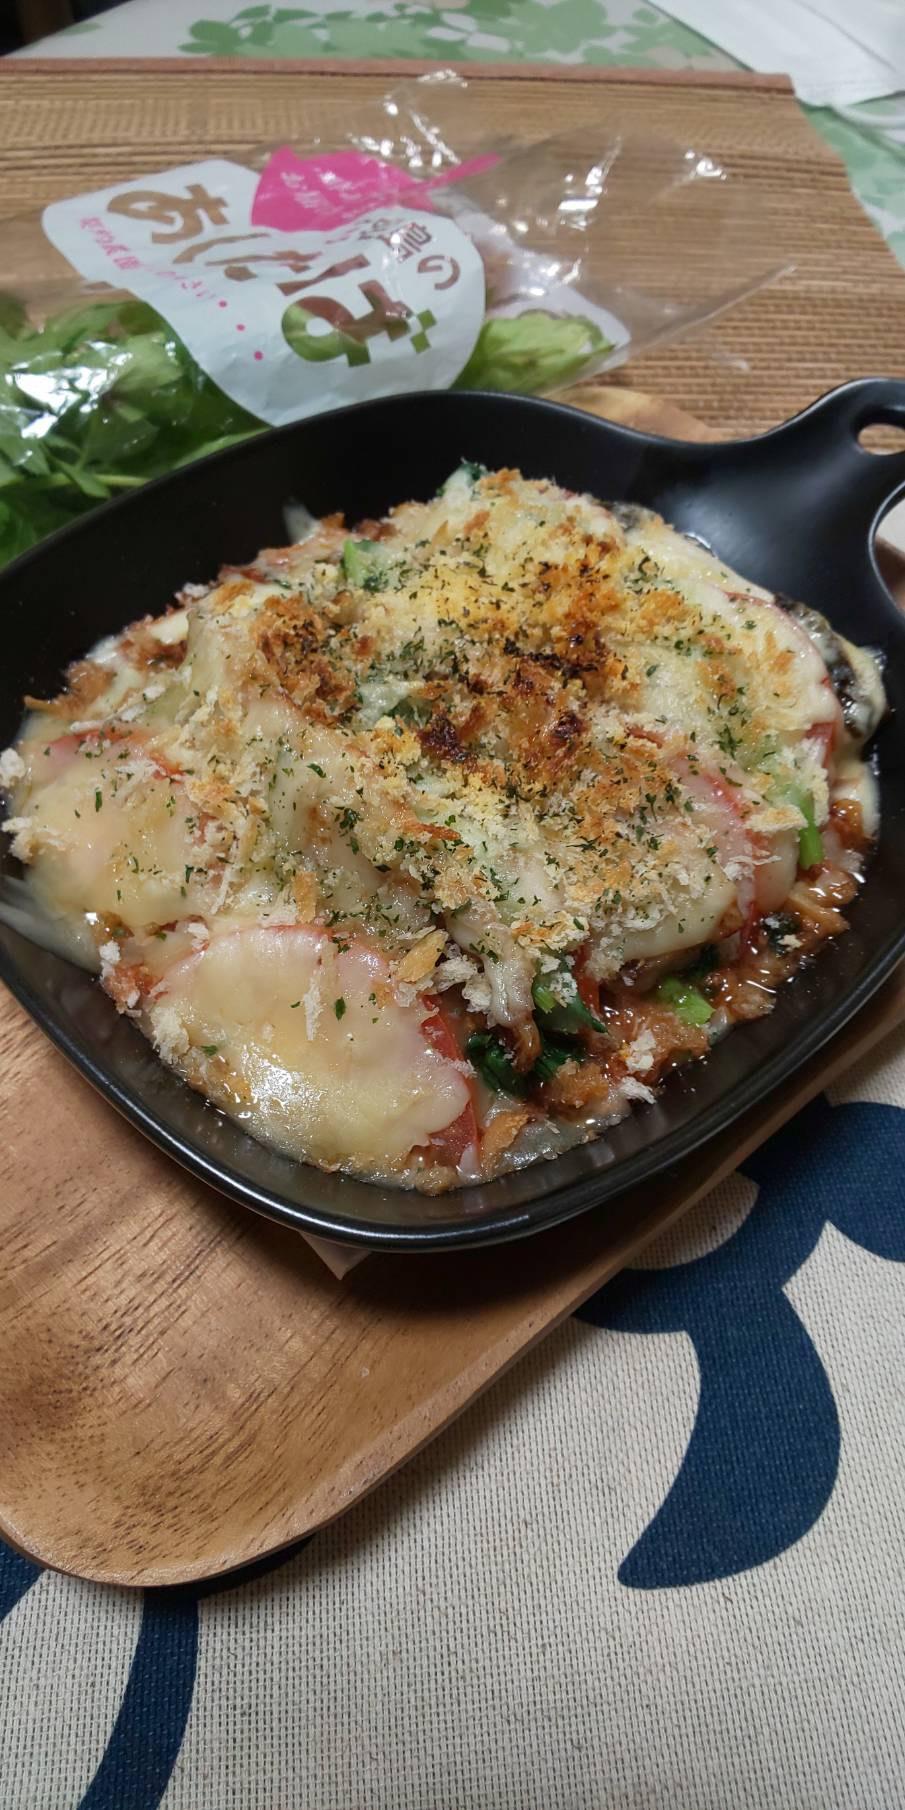 明日葉とアジの洋風チーズ焼き